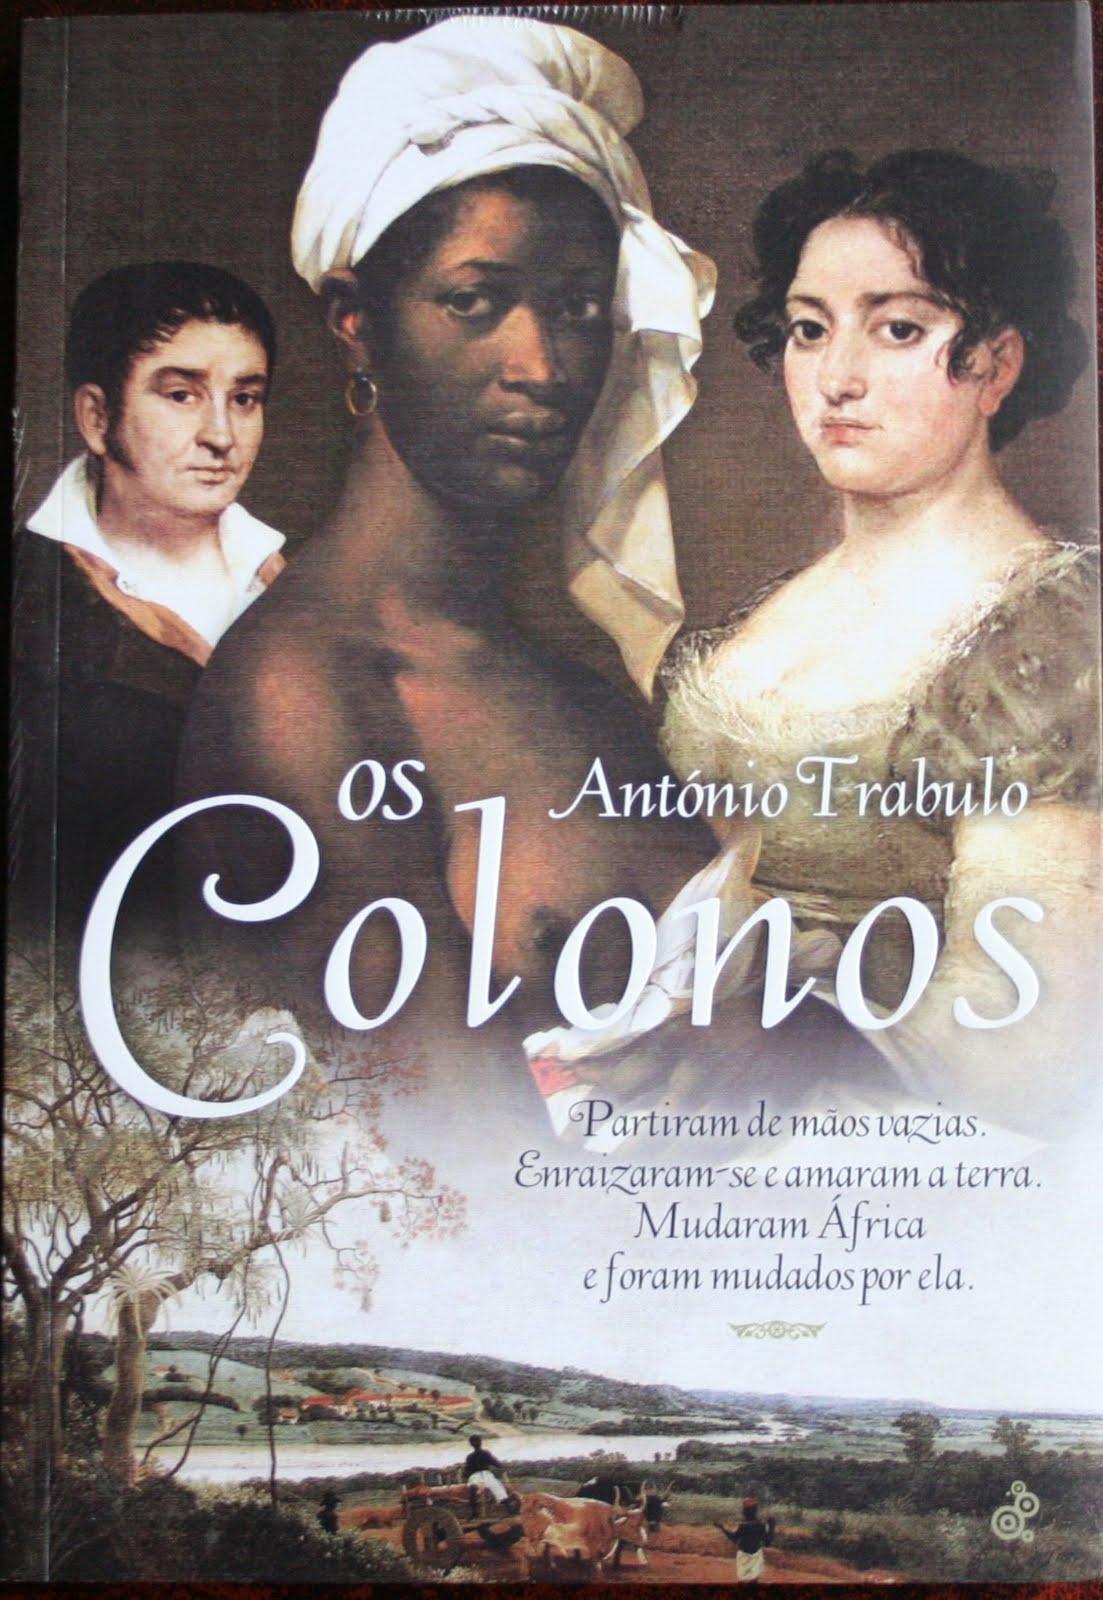 António Trabulo